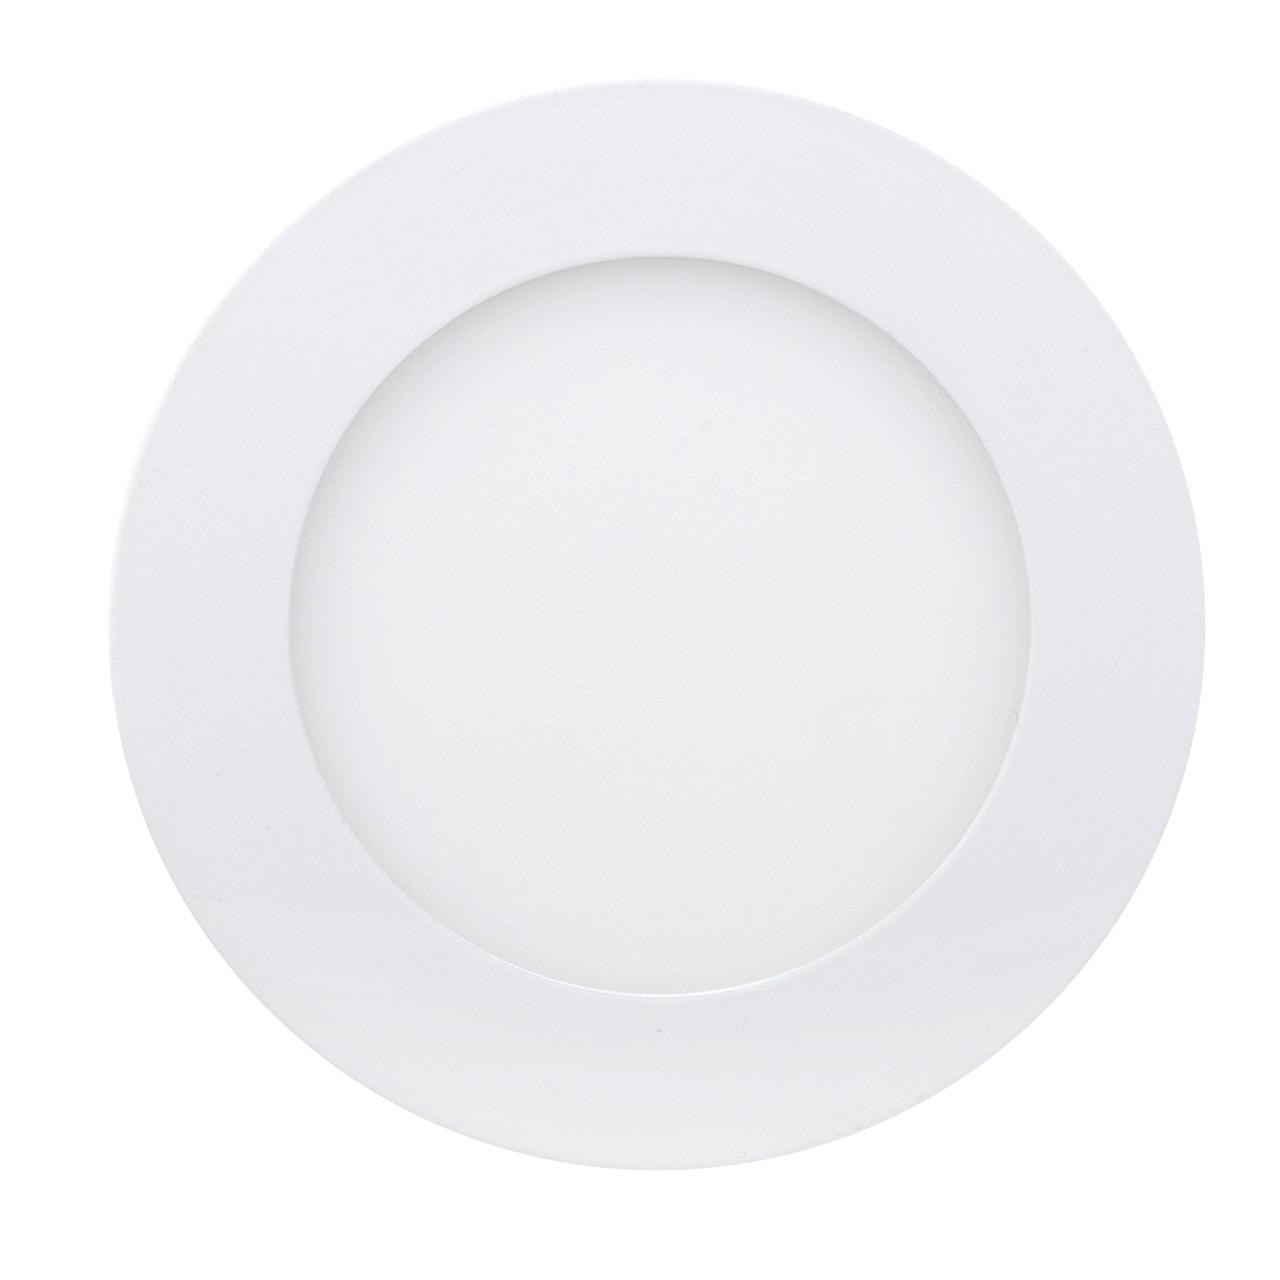 Точечный светильник встраиваемый 6W 6400К LED-R-120-6